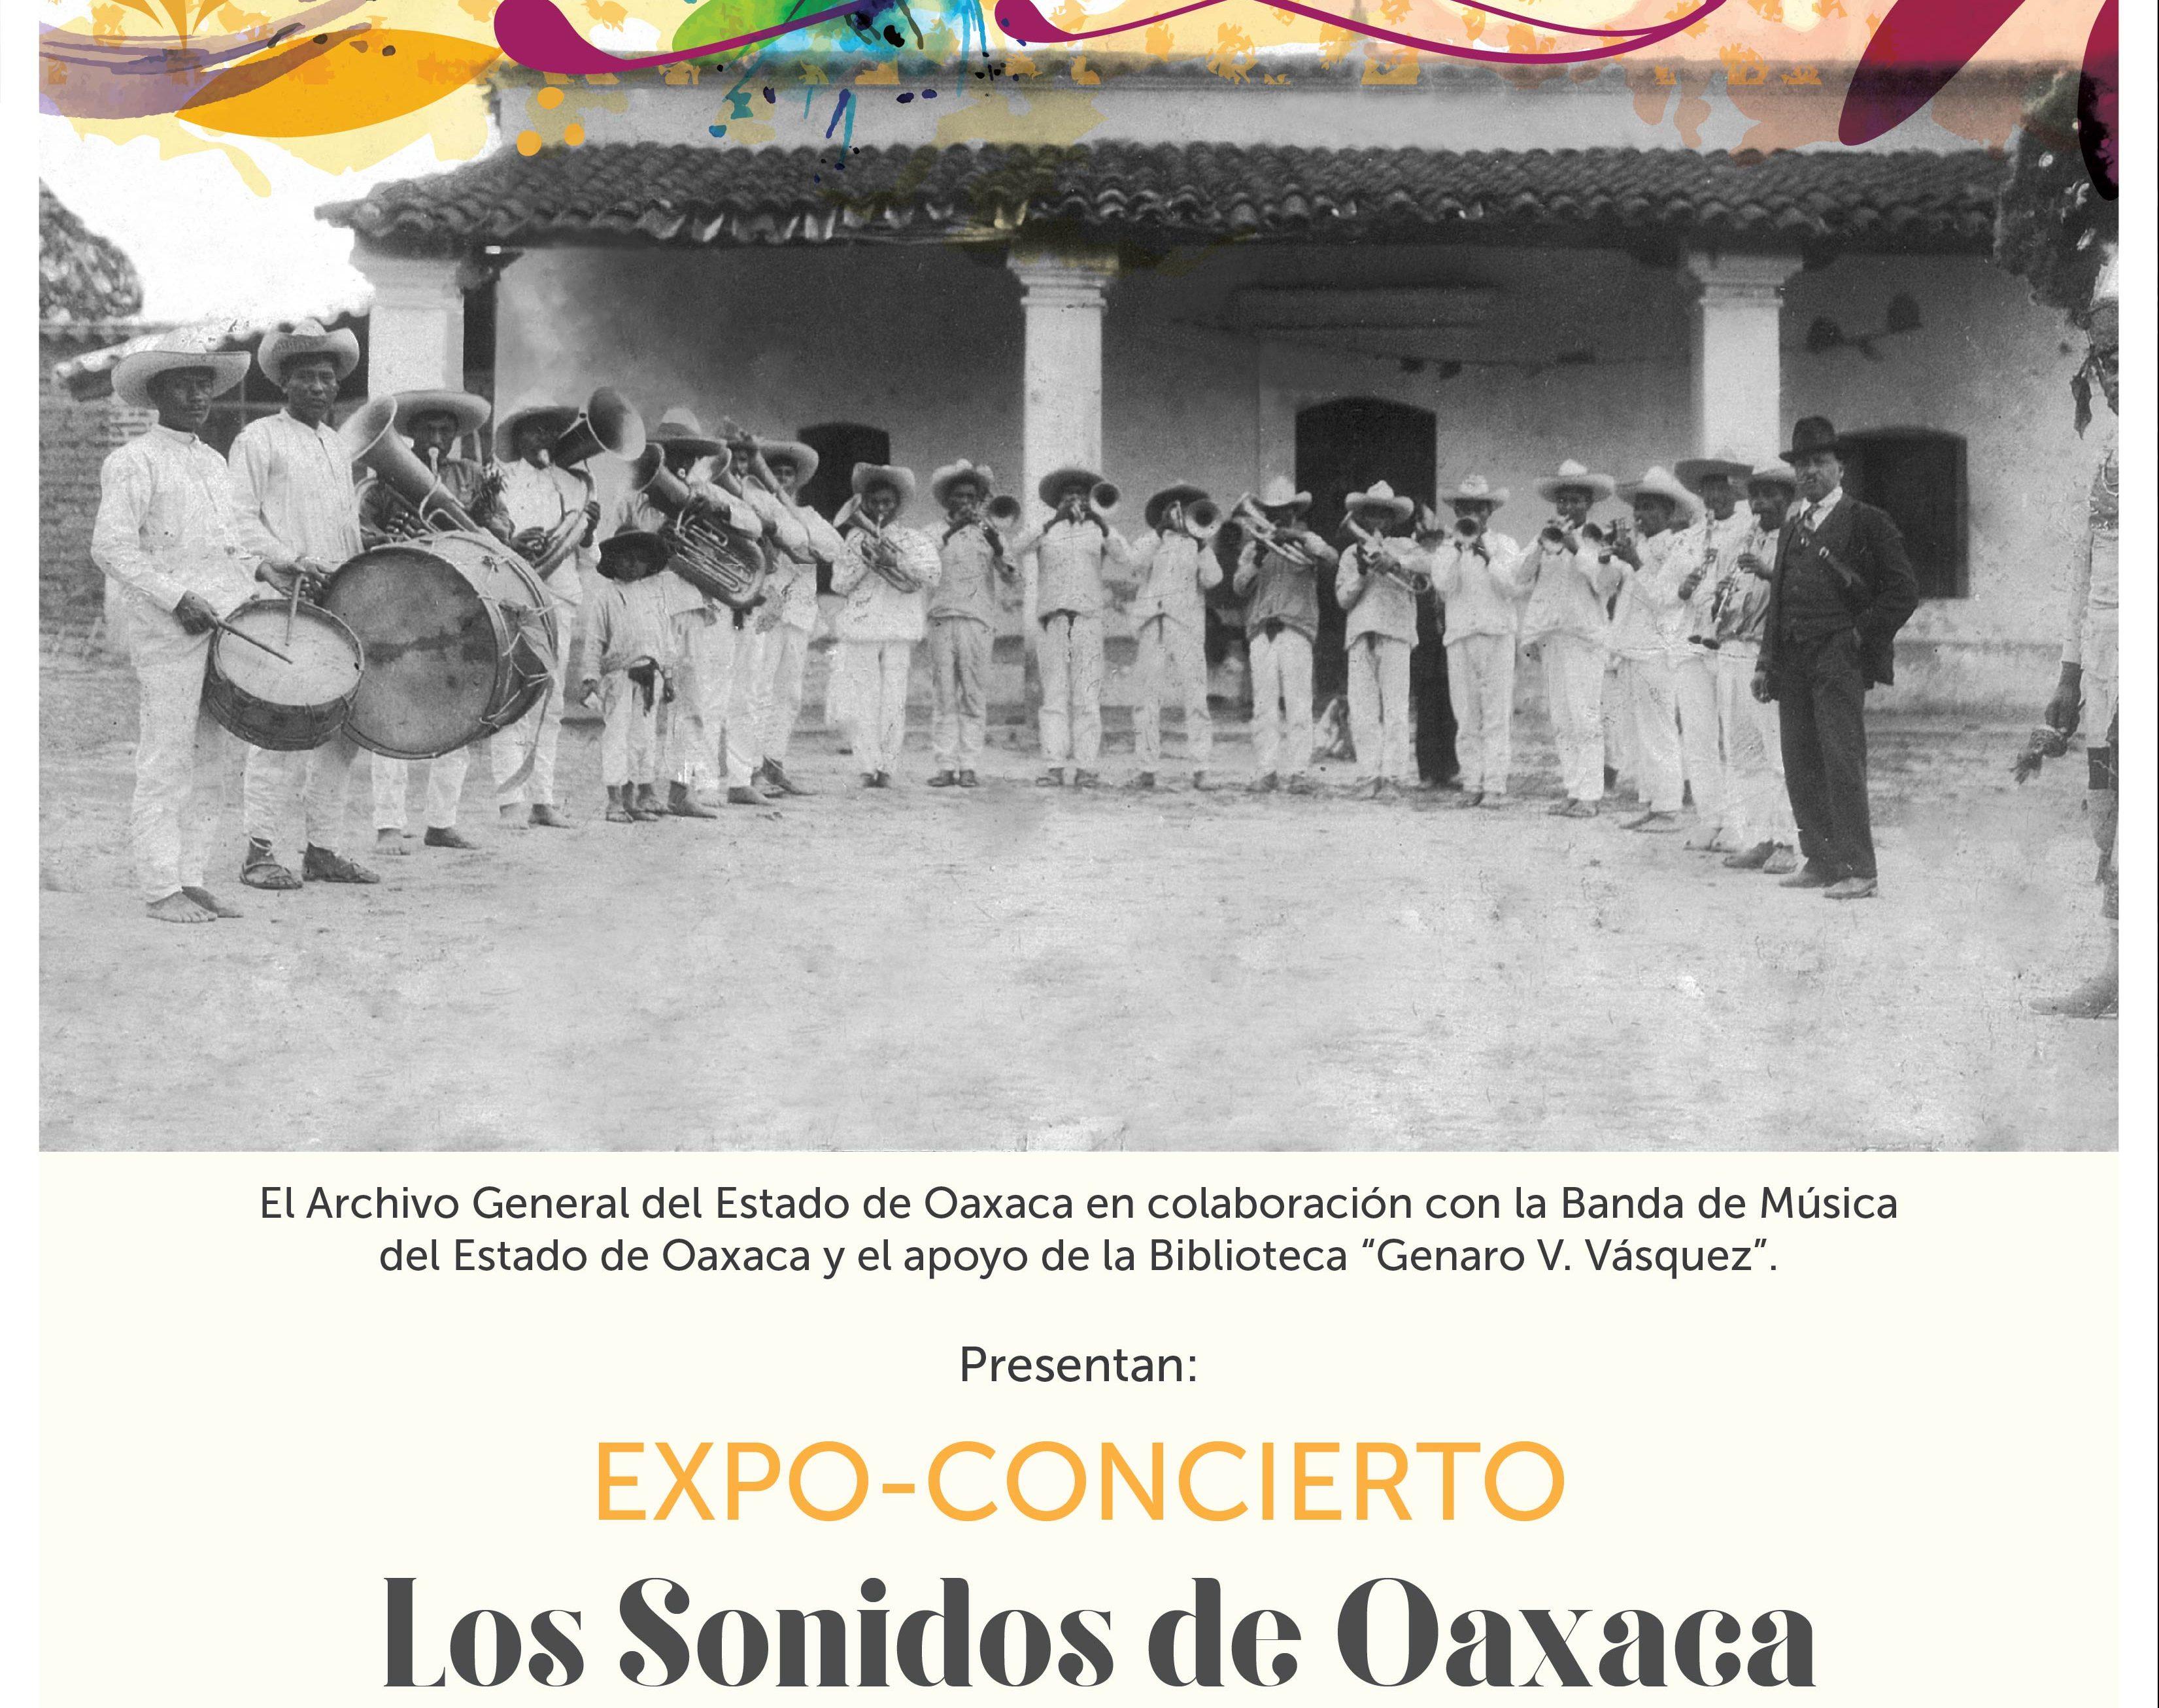 Los Sonidos de Oaxaca en el Archivo